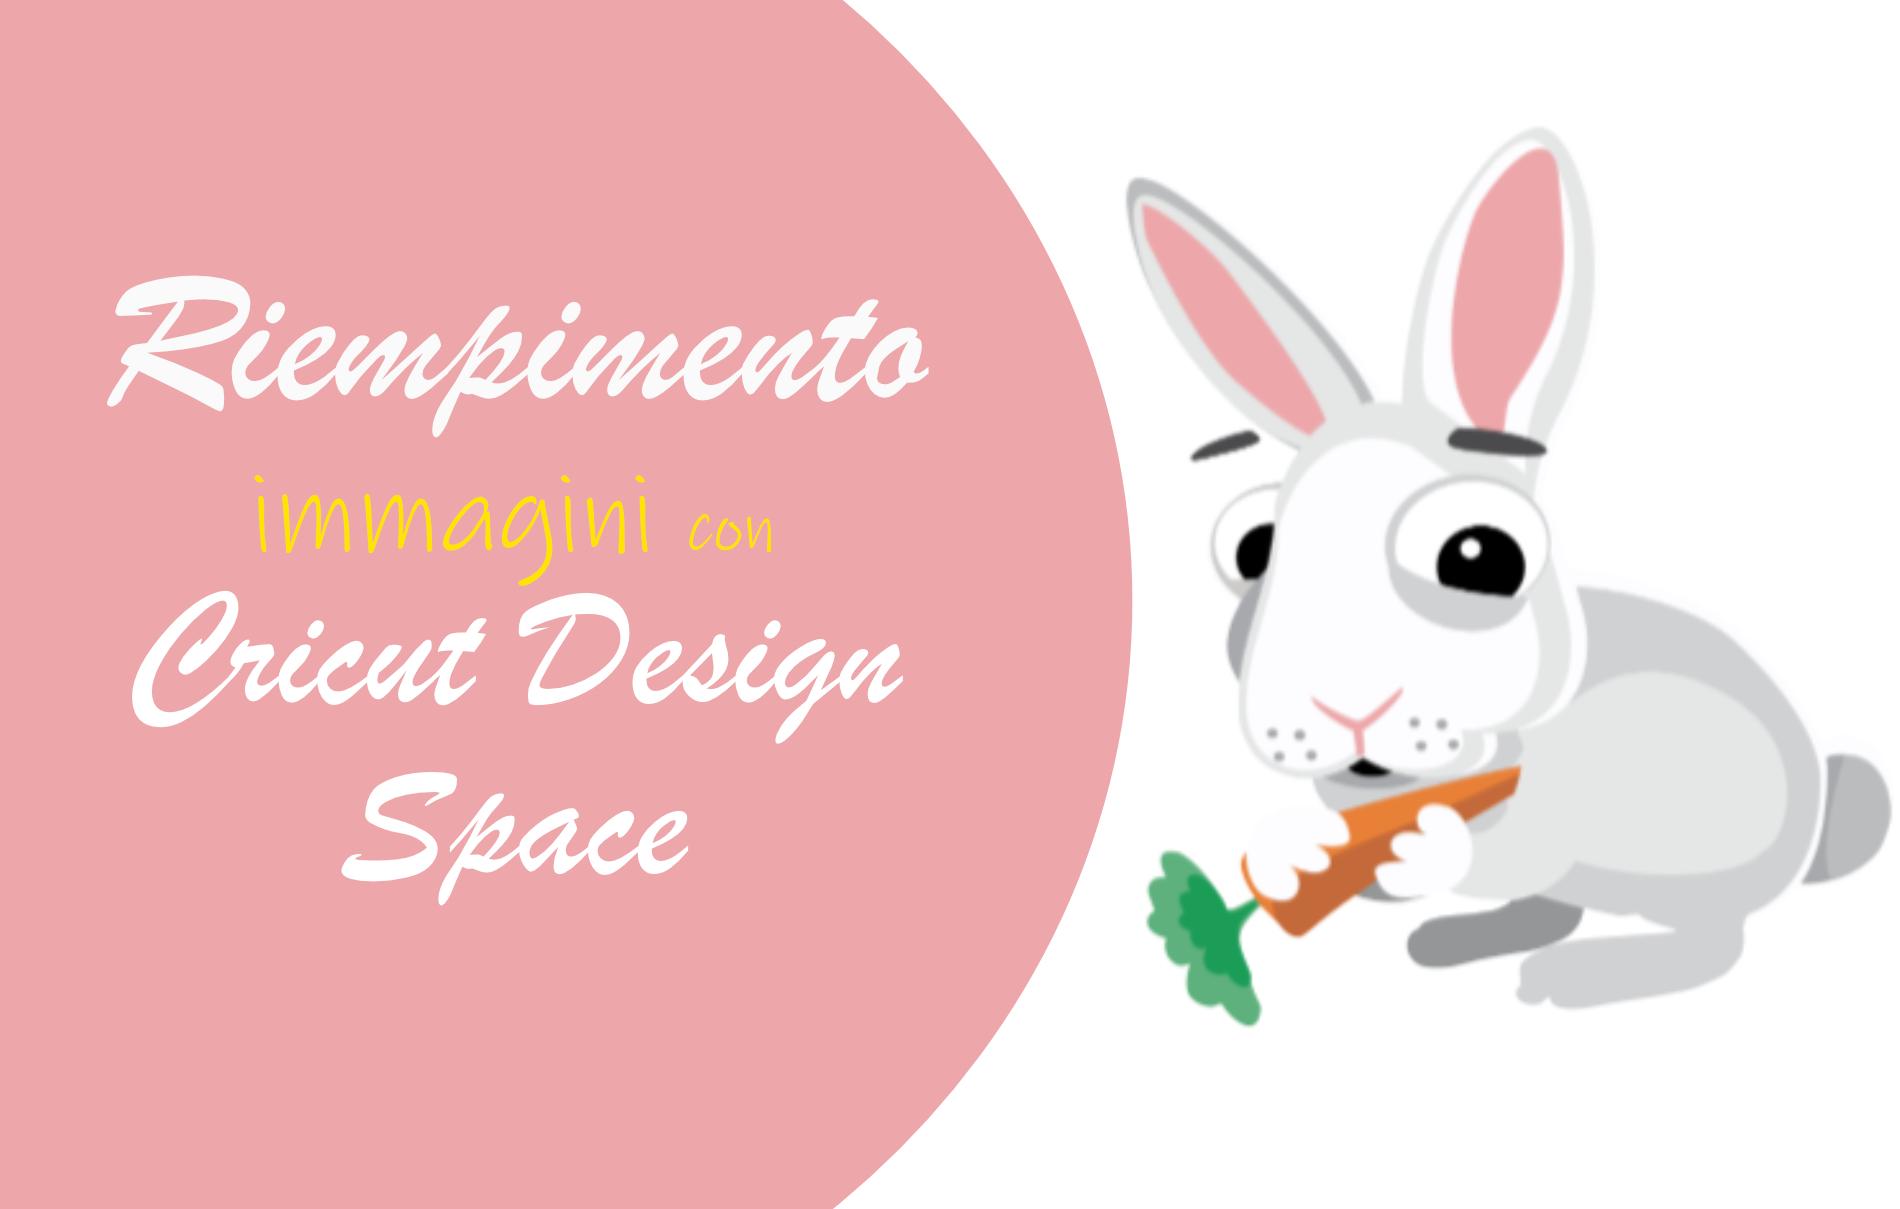 Riempimento immagini Cricut Design Space